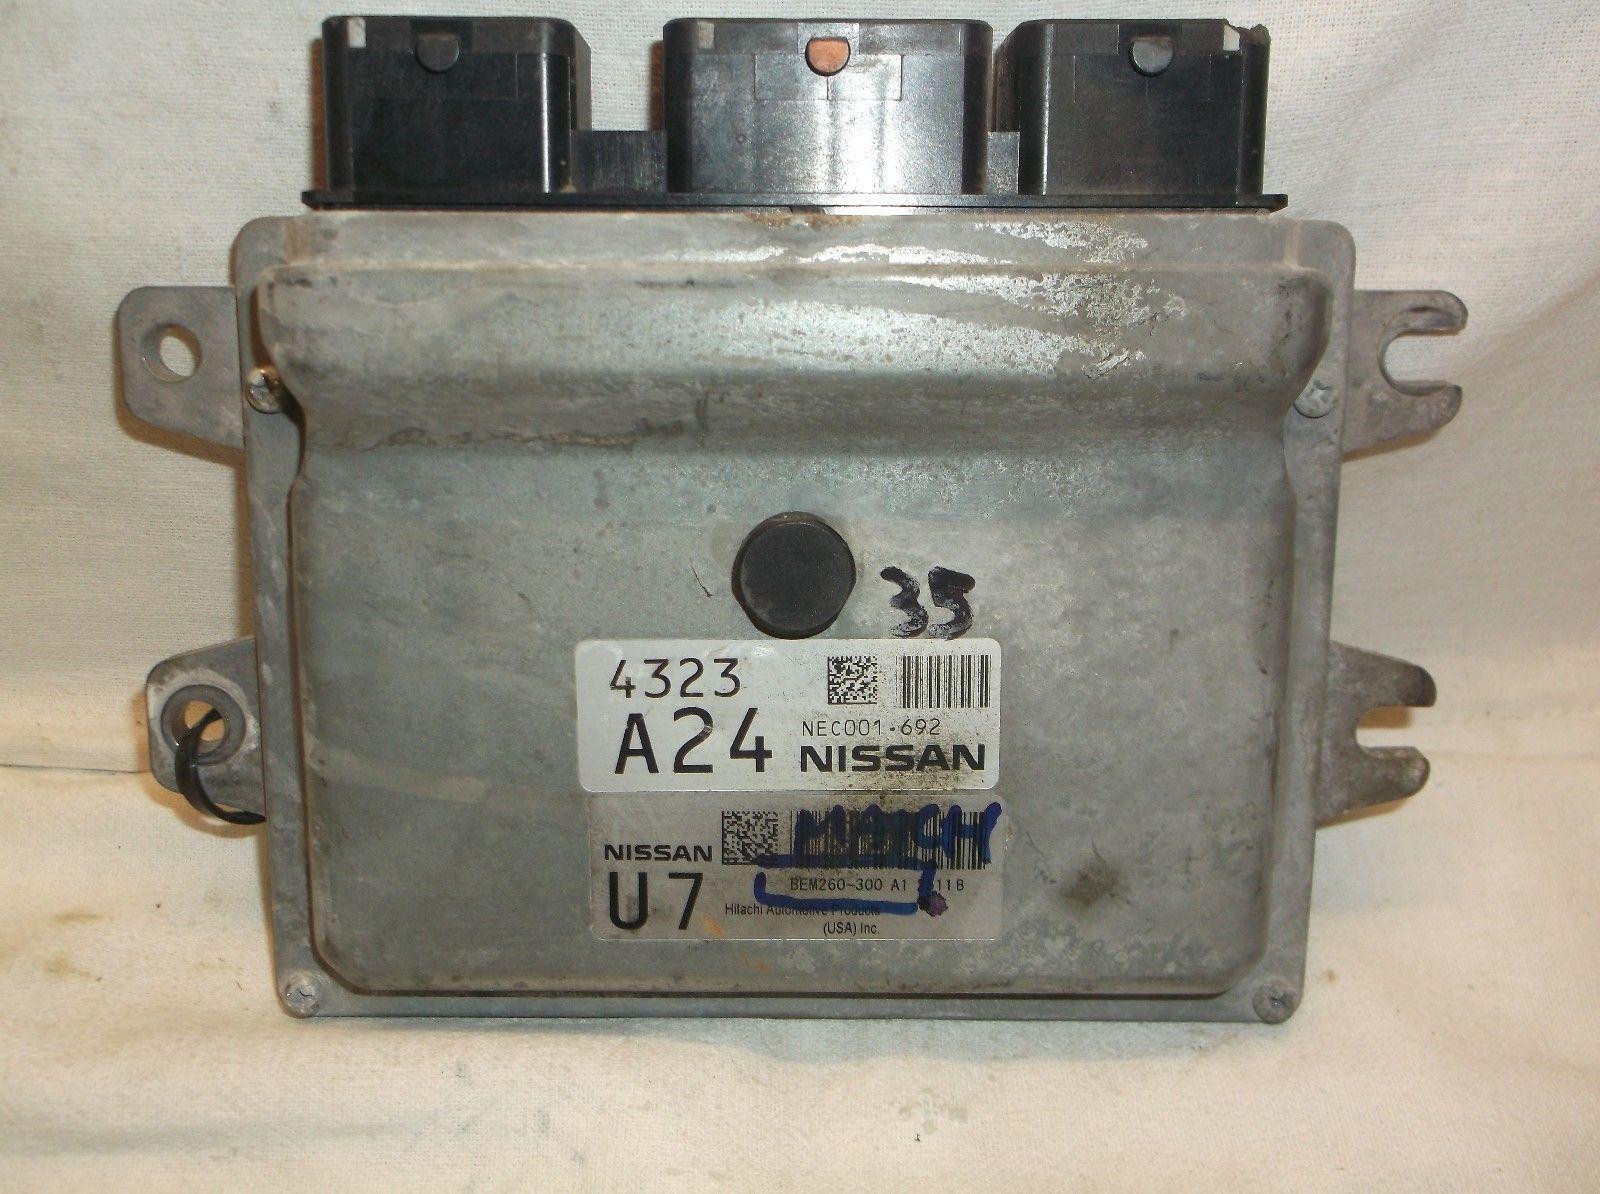 NISSAN SENTRA ECM ECU COMPUTER BEM260-300 A1